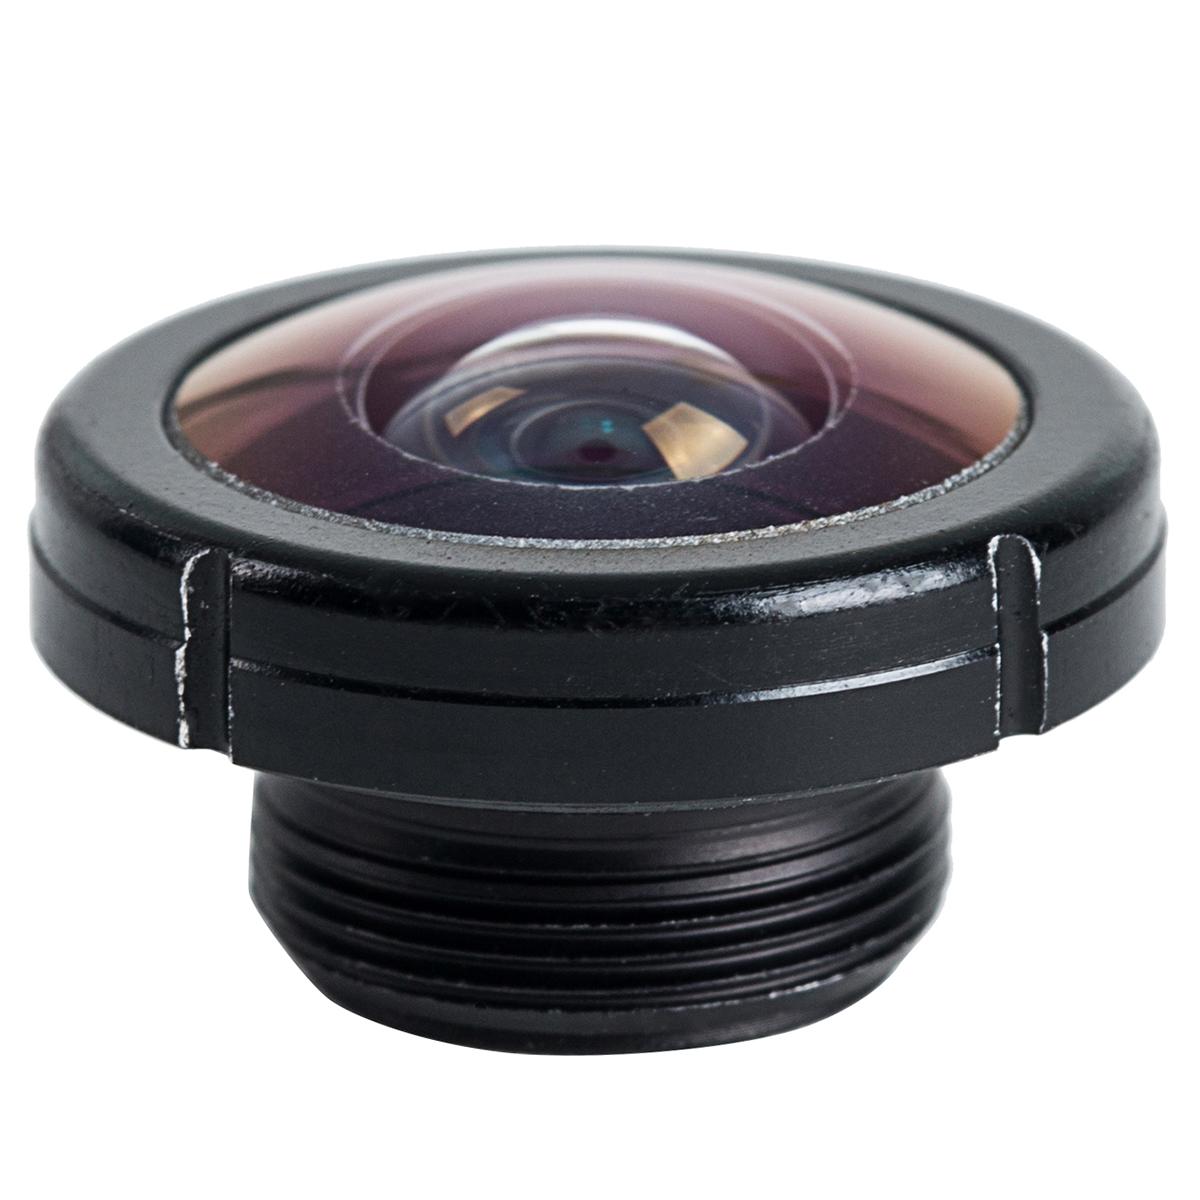 光學鏡片鍍膜后有哪些優點?